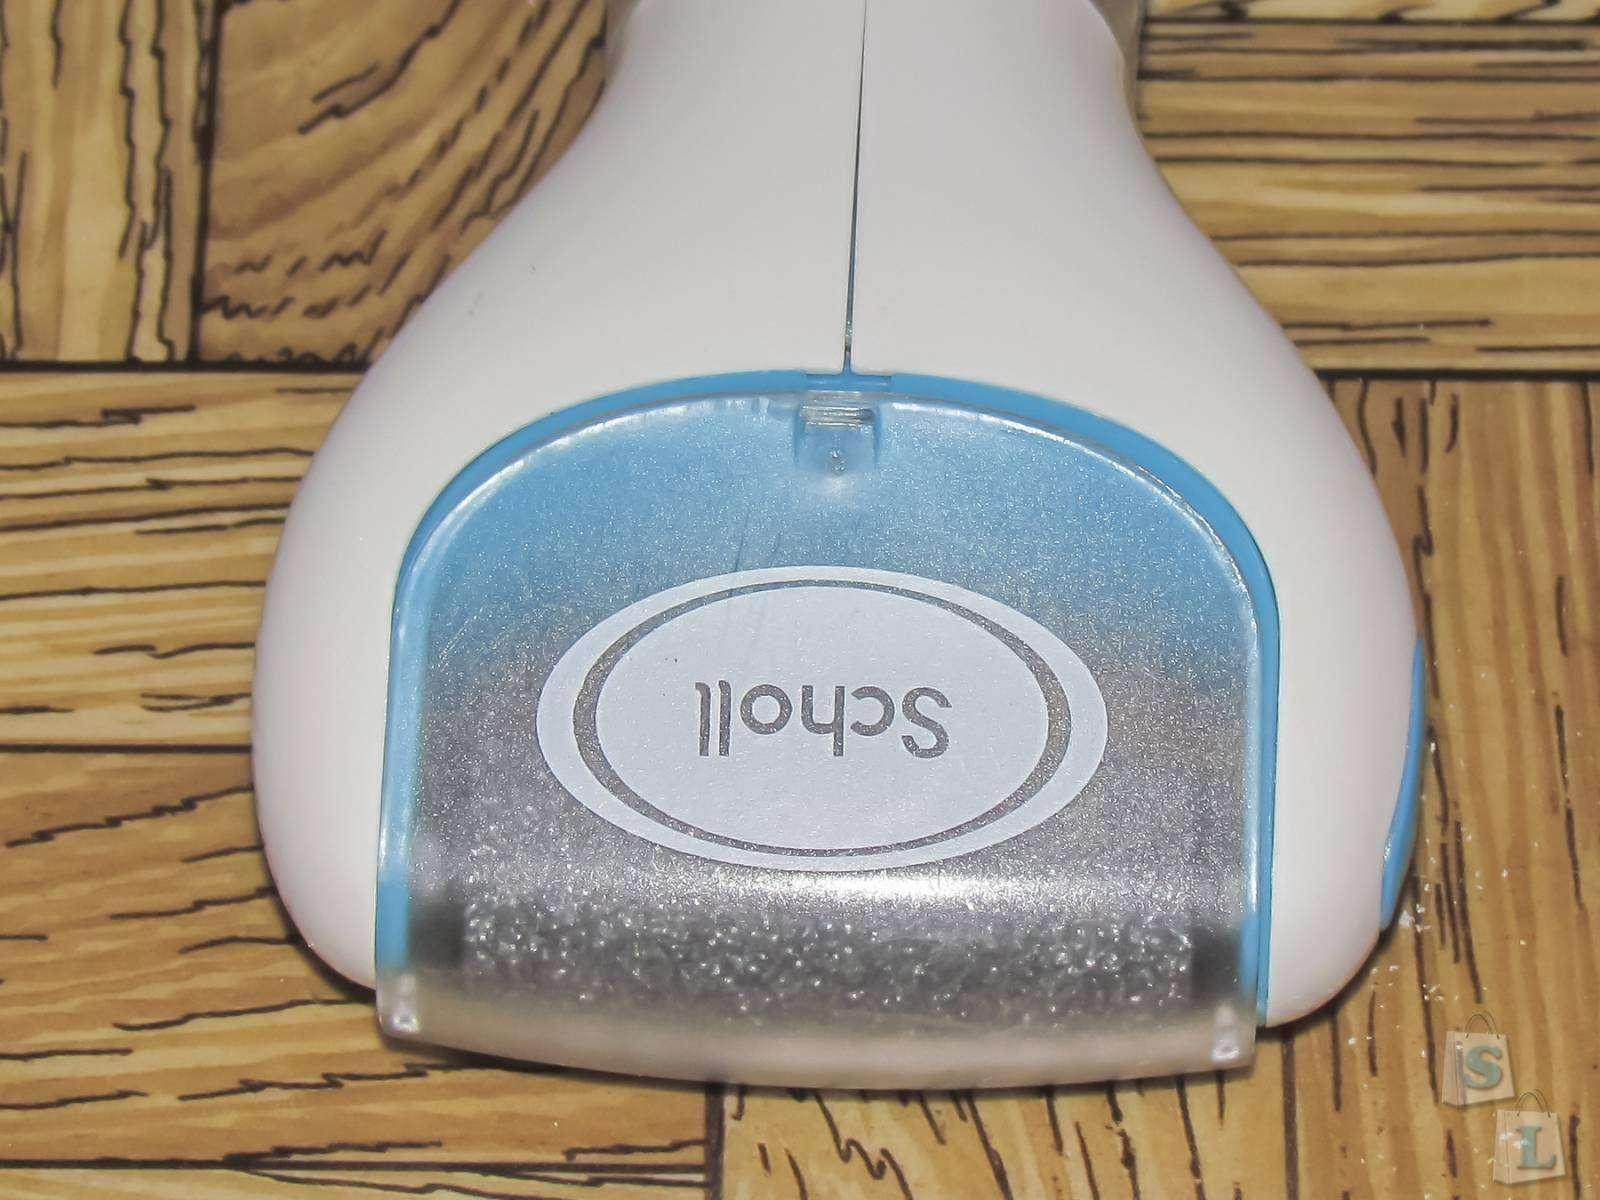 Aliexpress: Обзор электрической роликовой пилки SCHOLL Velvet smooth, с набором сменных валиков